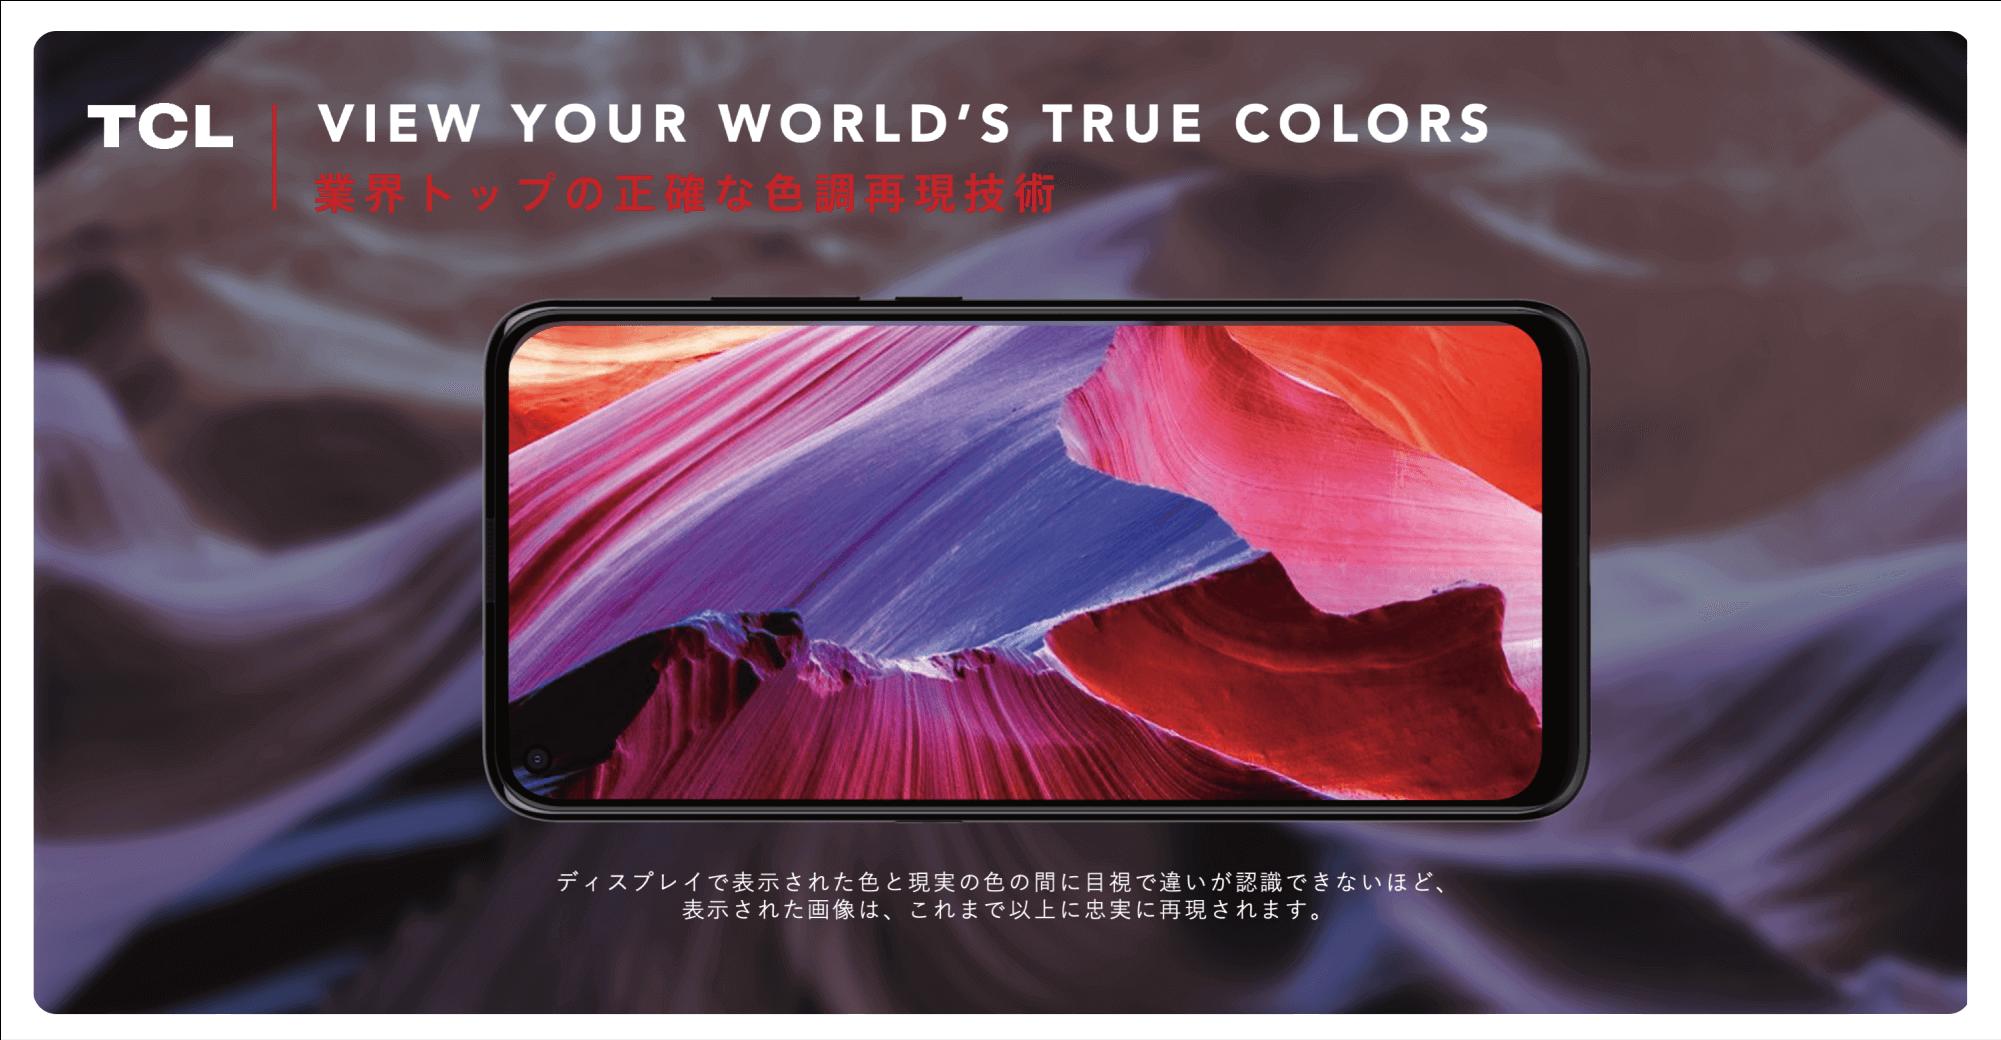 業界トップの正確な色調再現技術